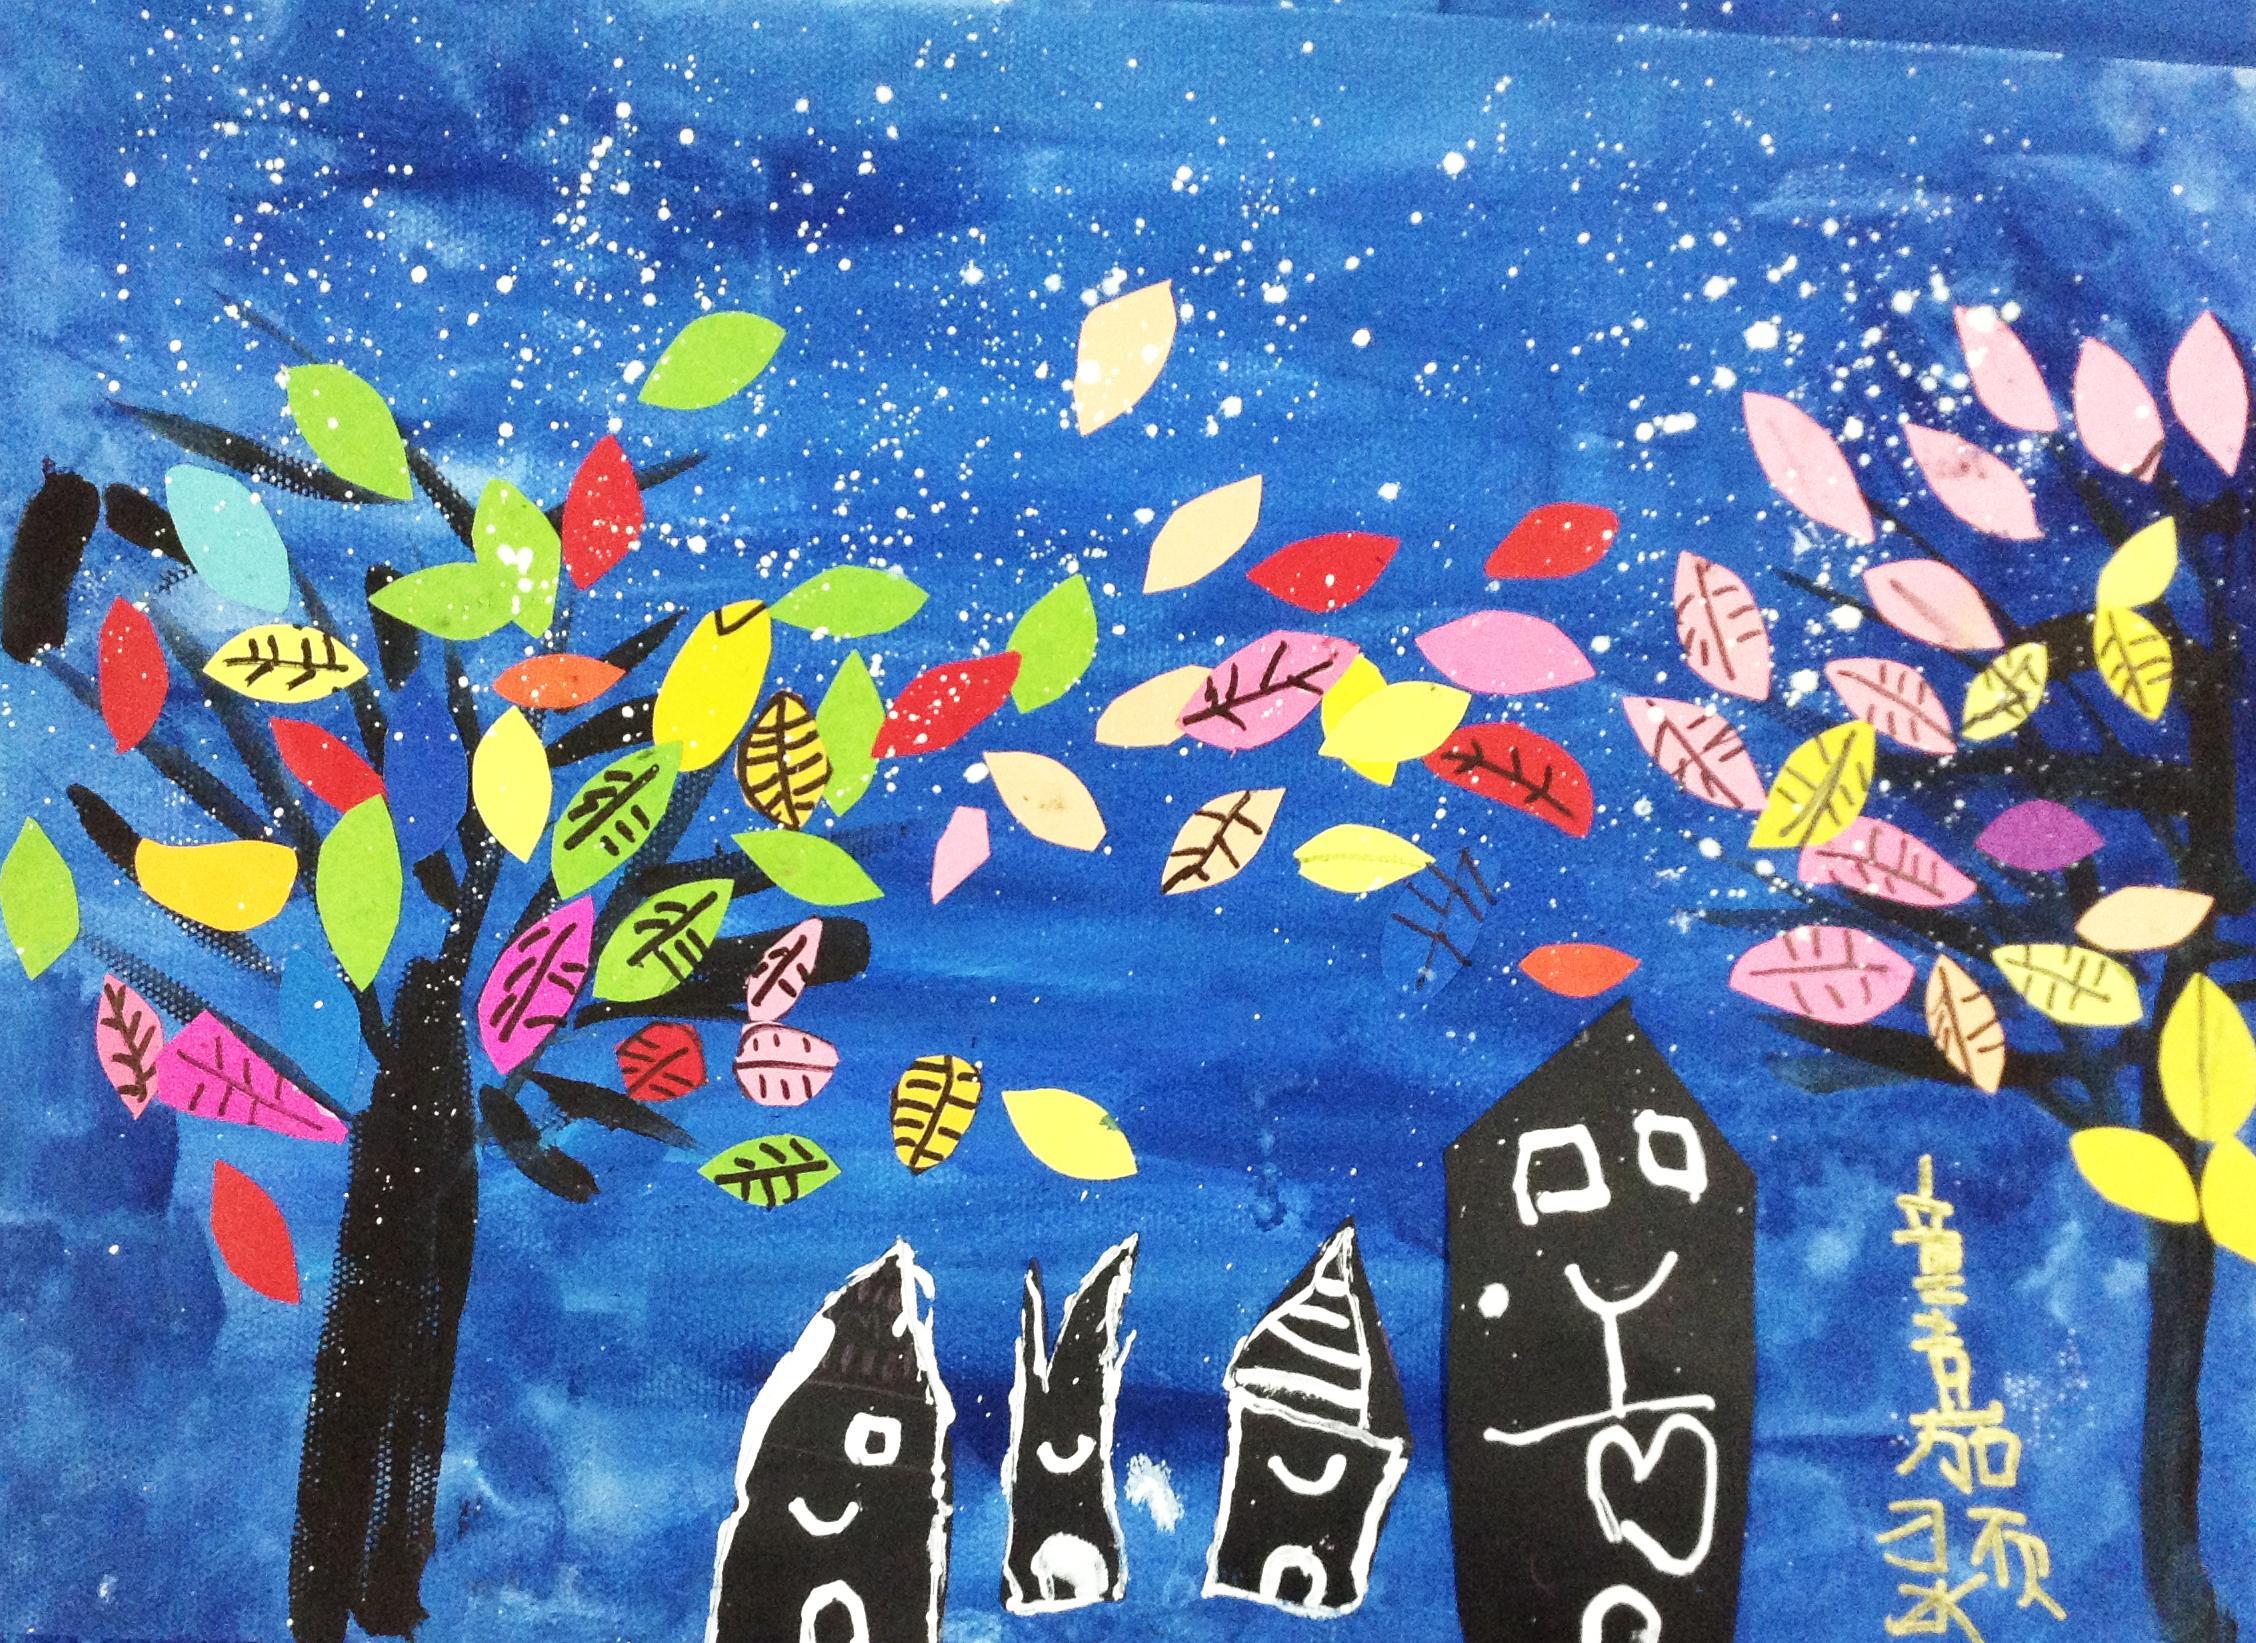 树-水彩画图集图片_儿童水彩画_少儿图库_中国儿童